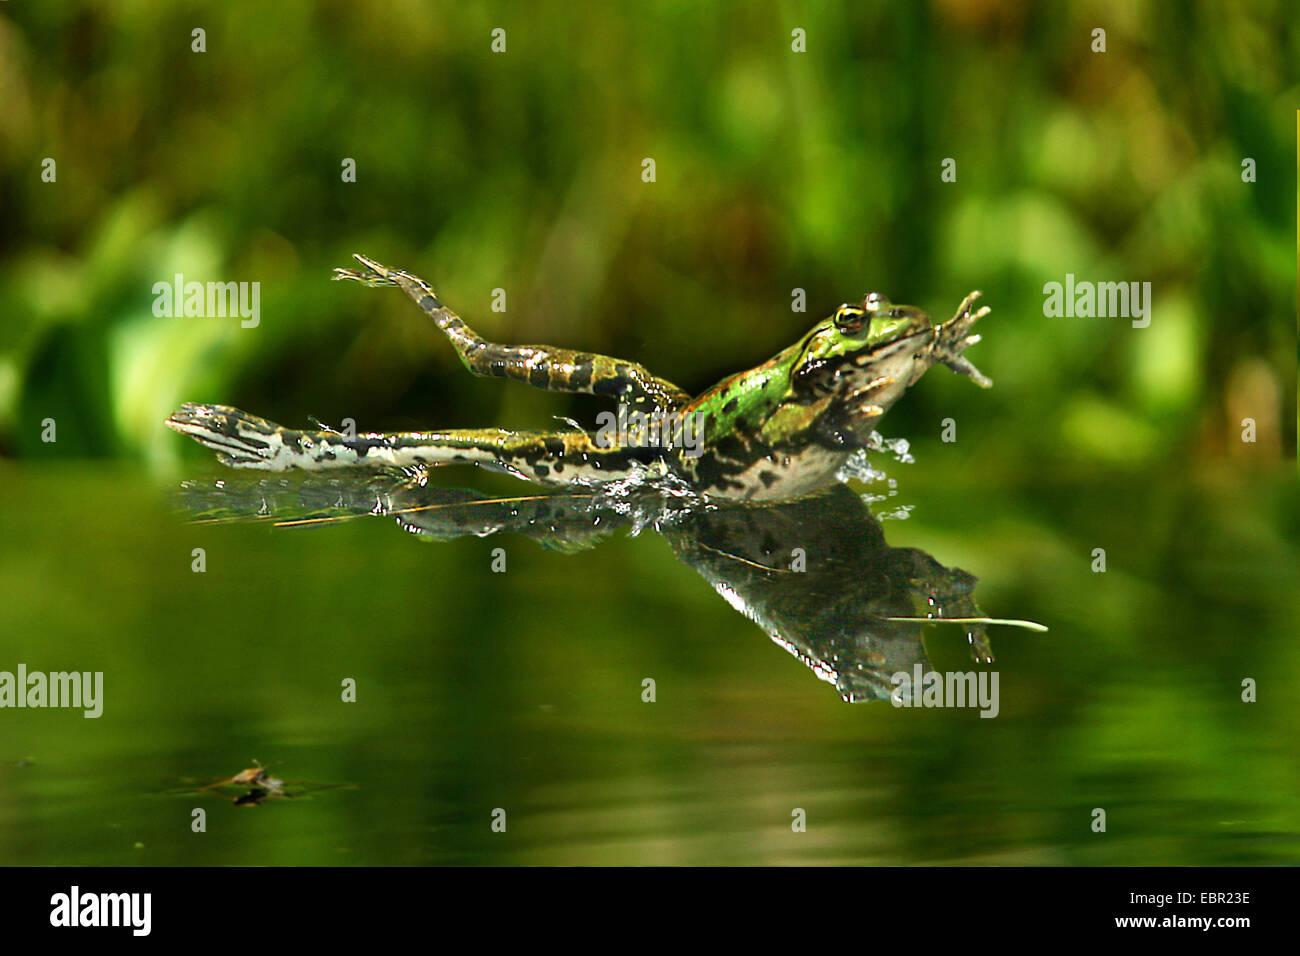 Europäische essbare Frosch, essbare Grasfrosch (Rana kl. Esculenta, Rana Esculenta, außer Esculentus), Stockbild